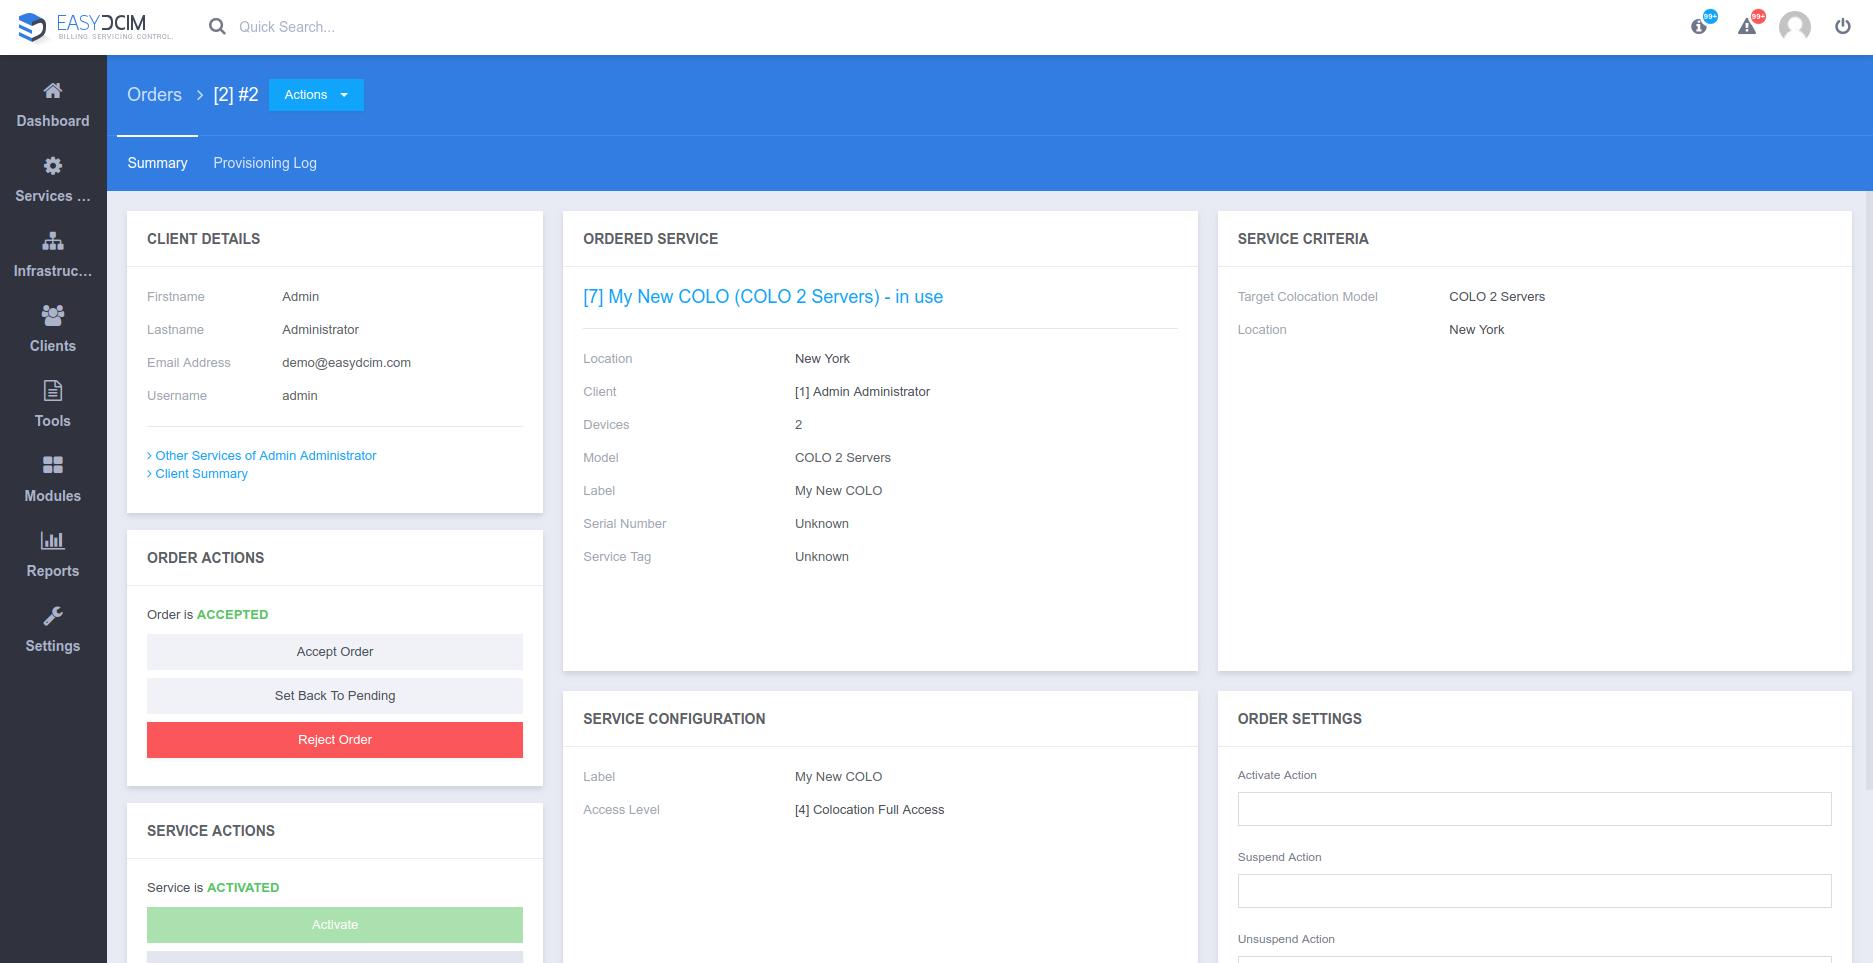 Order Preview - EasyDCIM v1.4.3